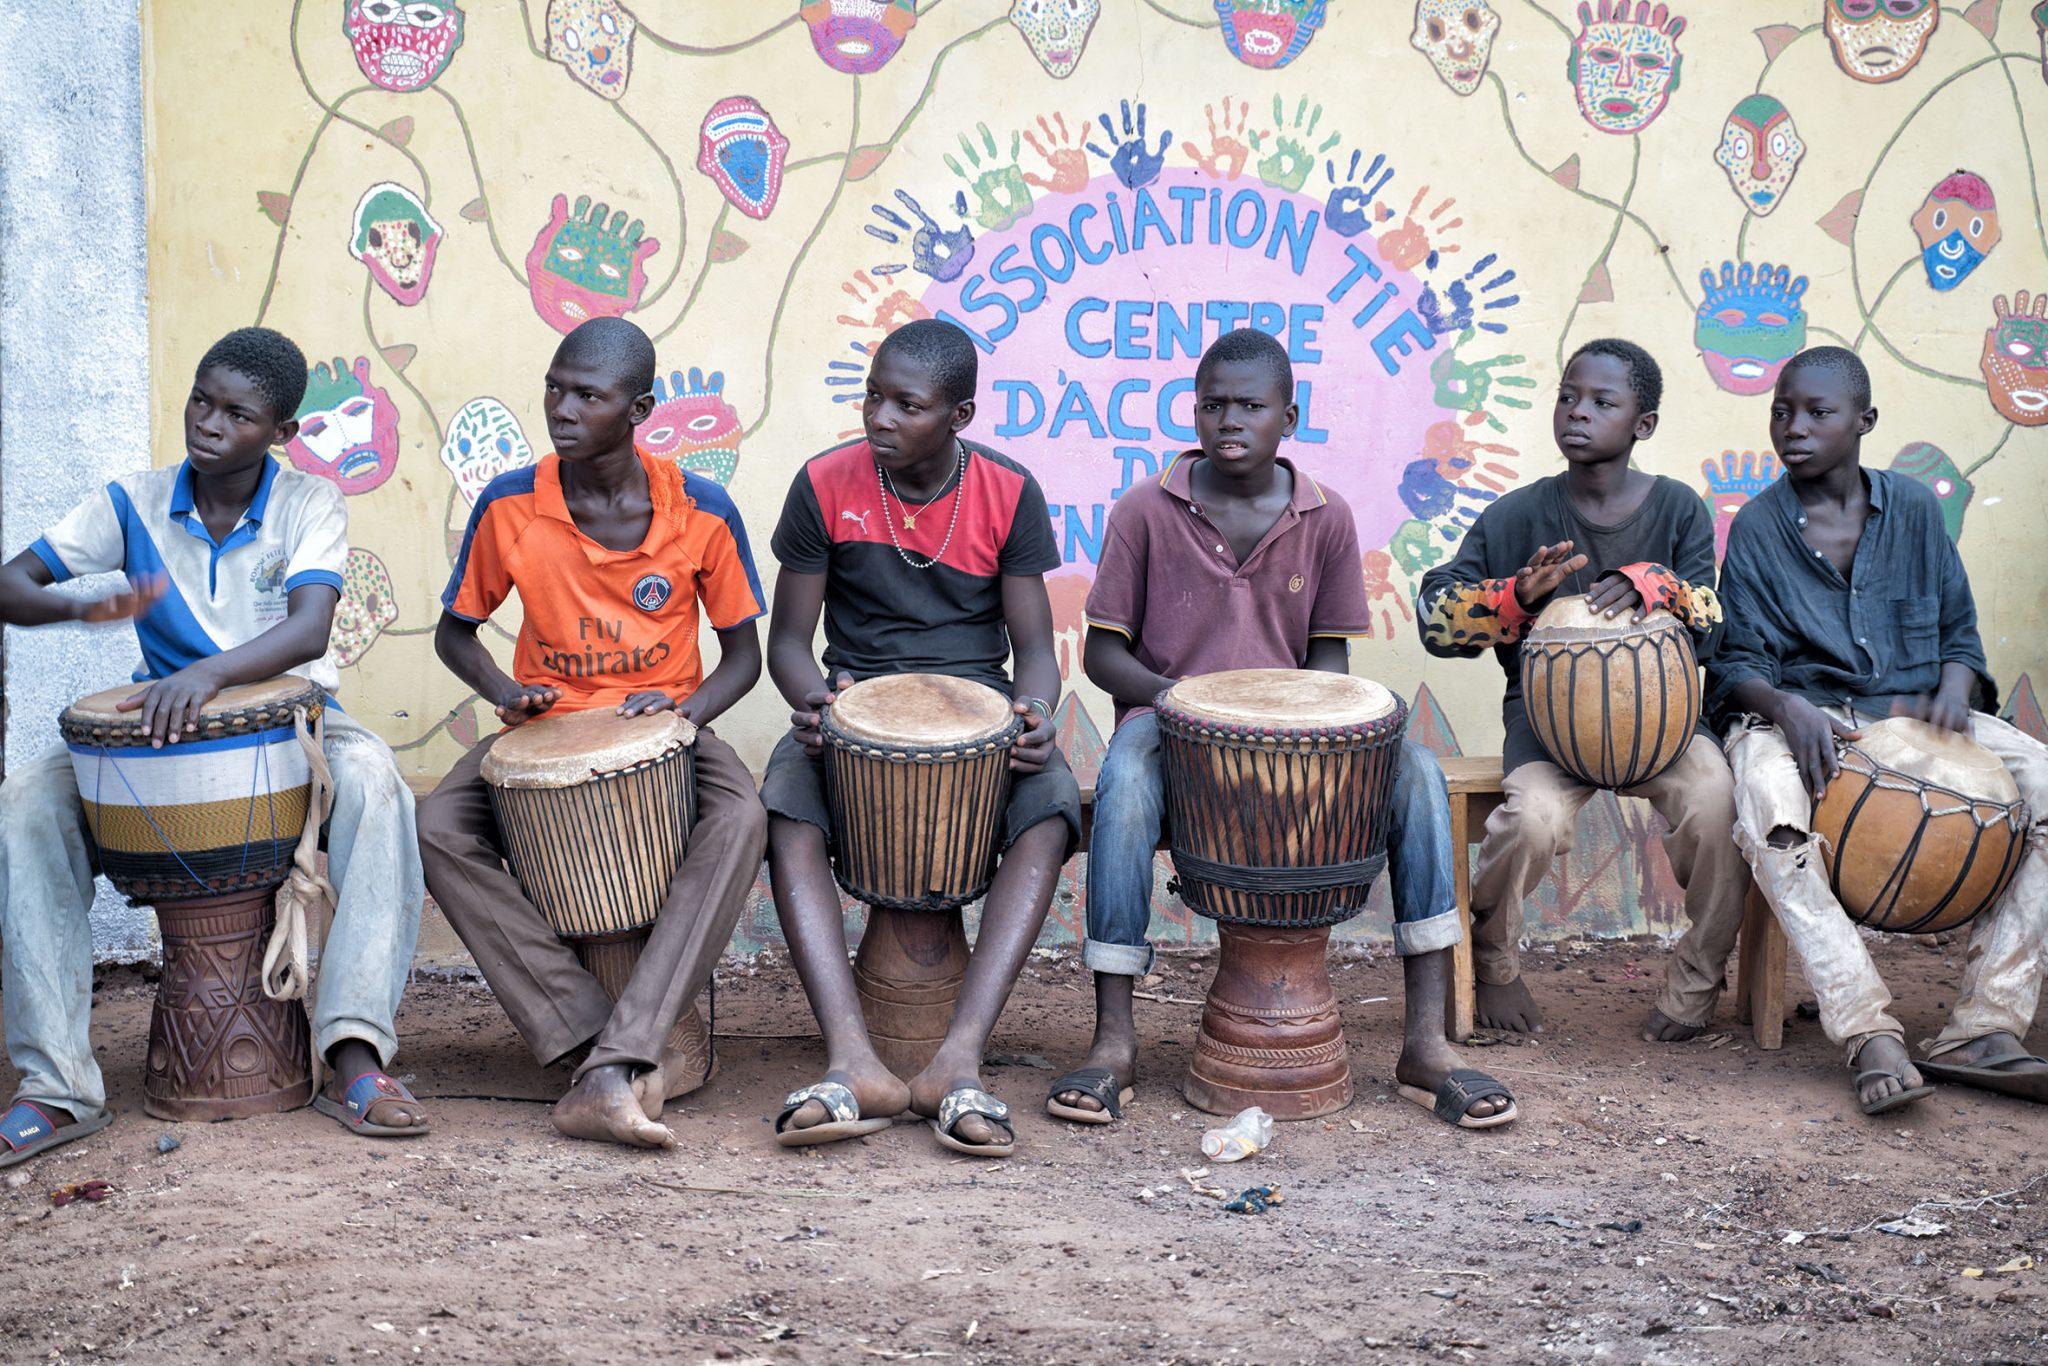 Informe de març, abril i maig'19 del centre de dia i d'urgència per nens i adolescents en situació de carrer de Bobo-Dioulasso